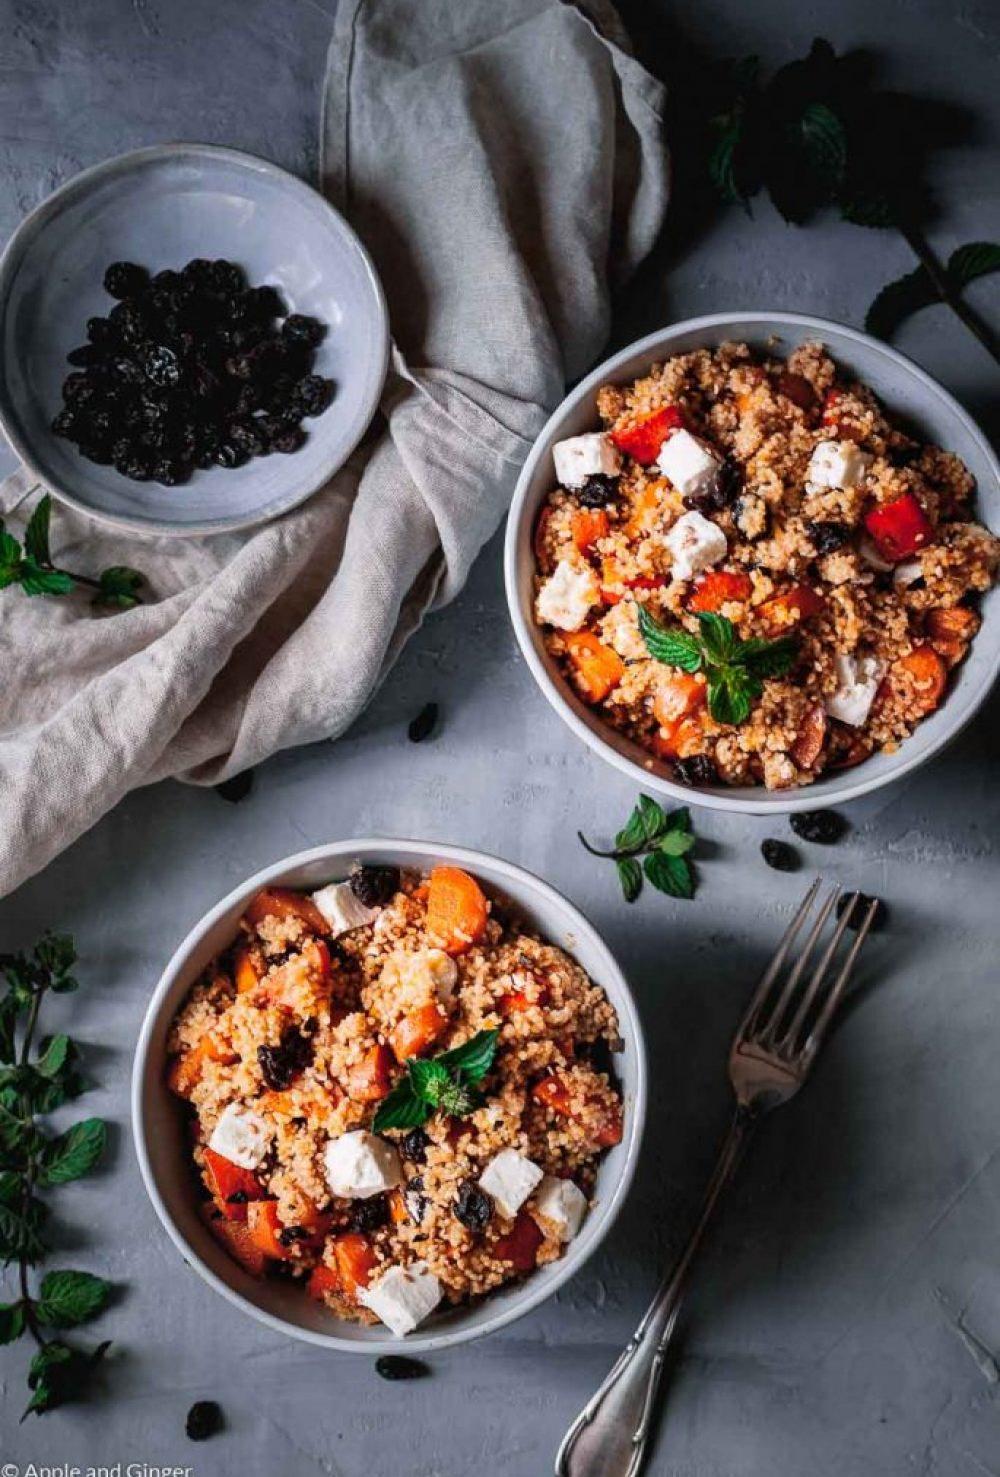 Orientalischer Couscous Salat mit Kürbis, Möhren, Feta und Rosinen: die sechs Geschmacksrichtungen im Ayurveda